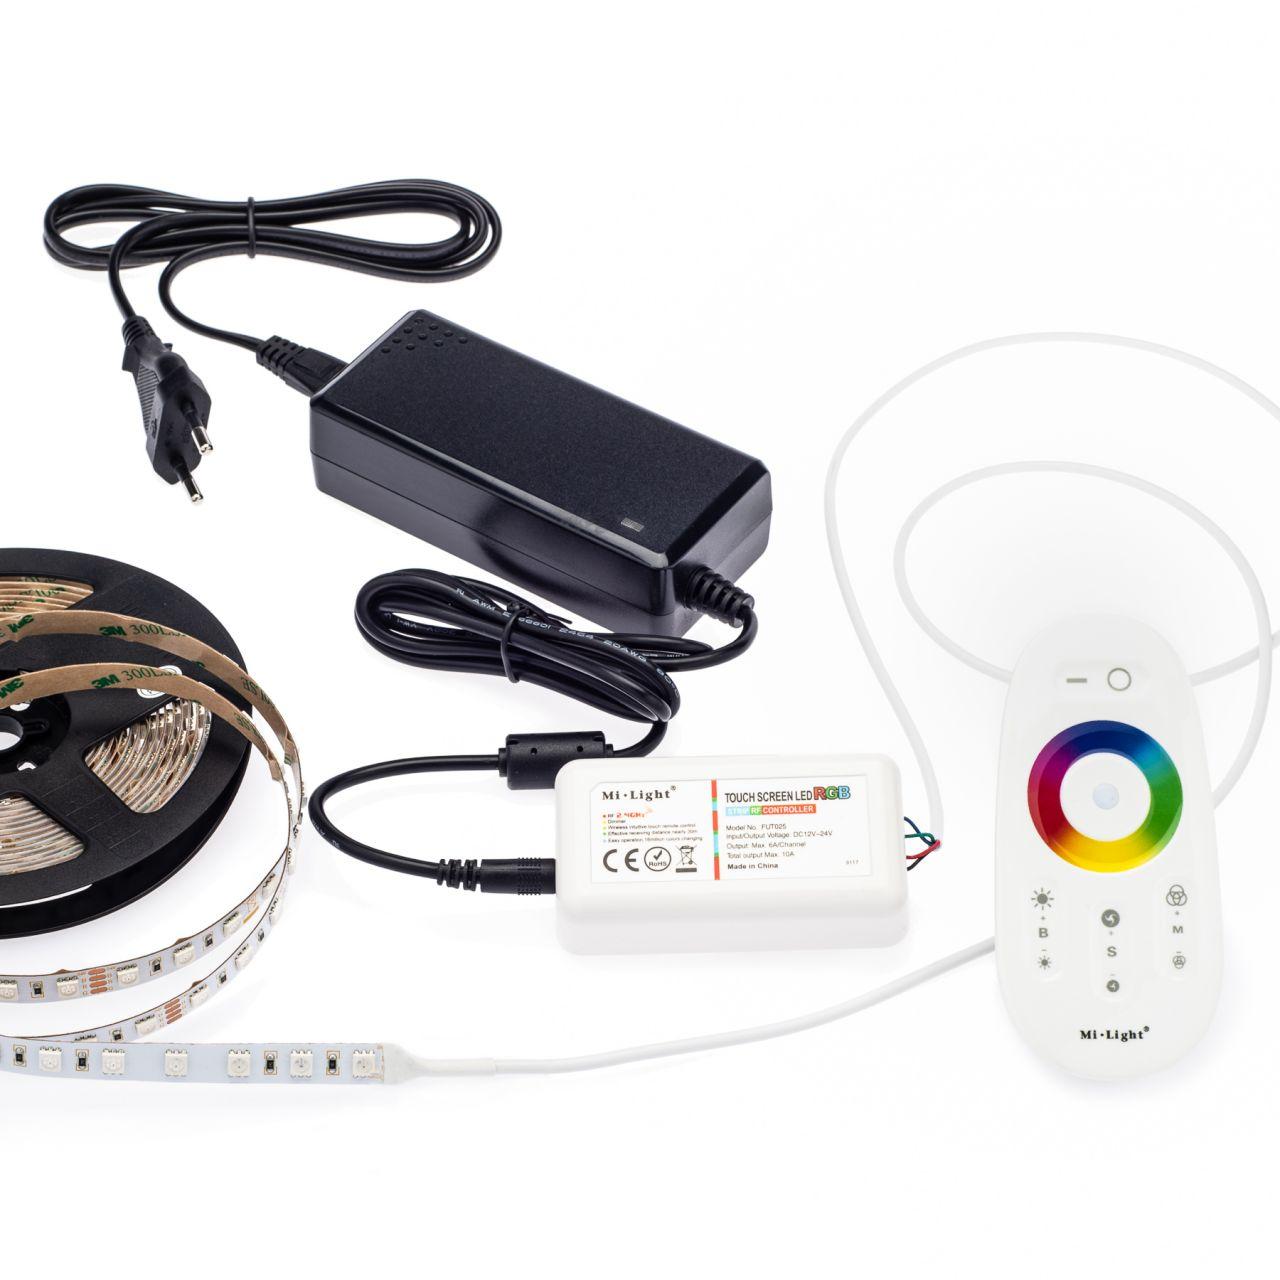 24V RGB LED Streifen Set mit Fernbedienung und Netzteil, 500cm Länge, Farbwechsel